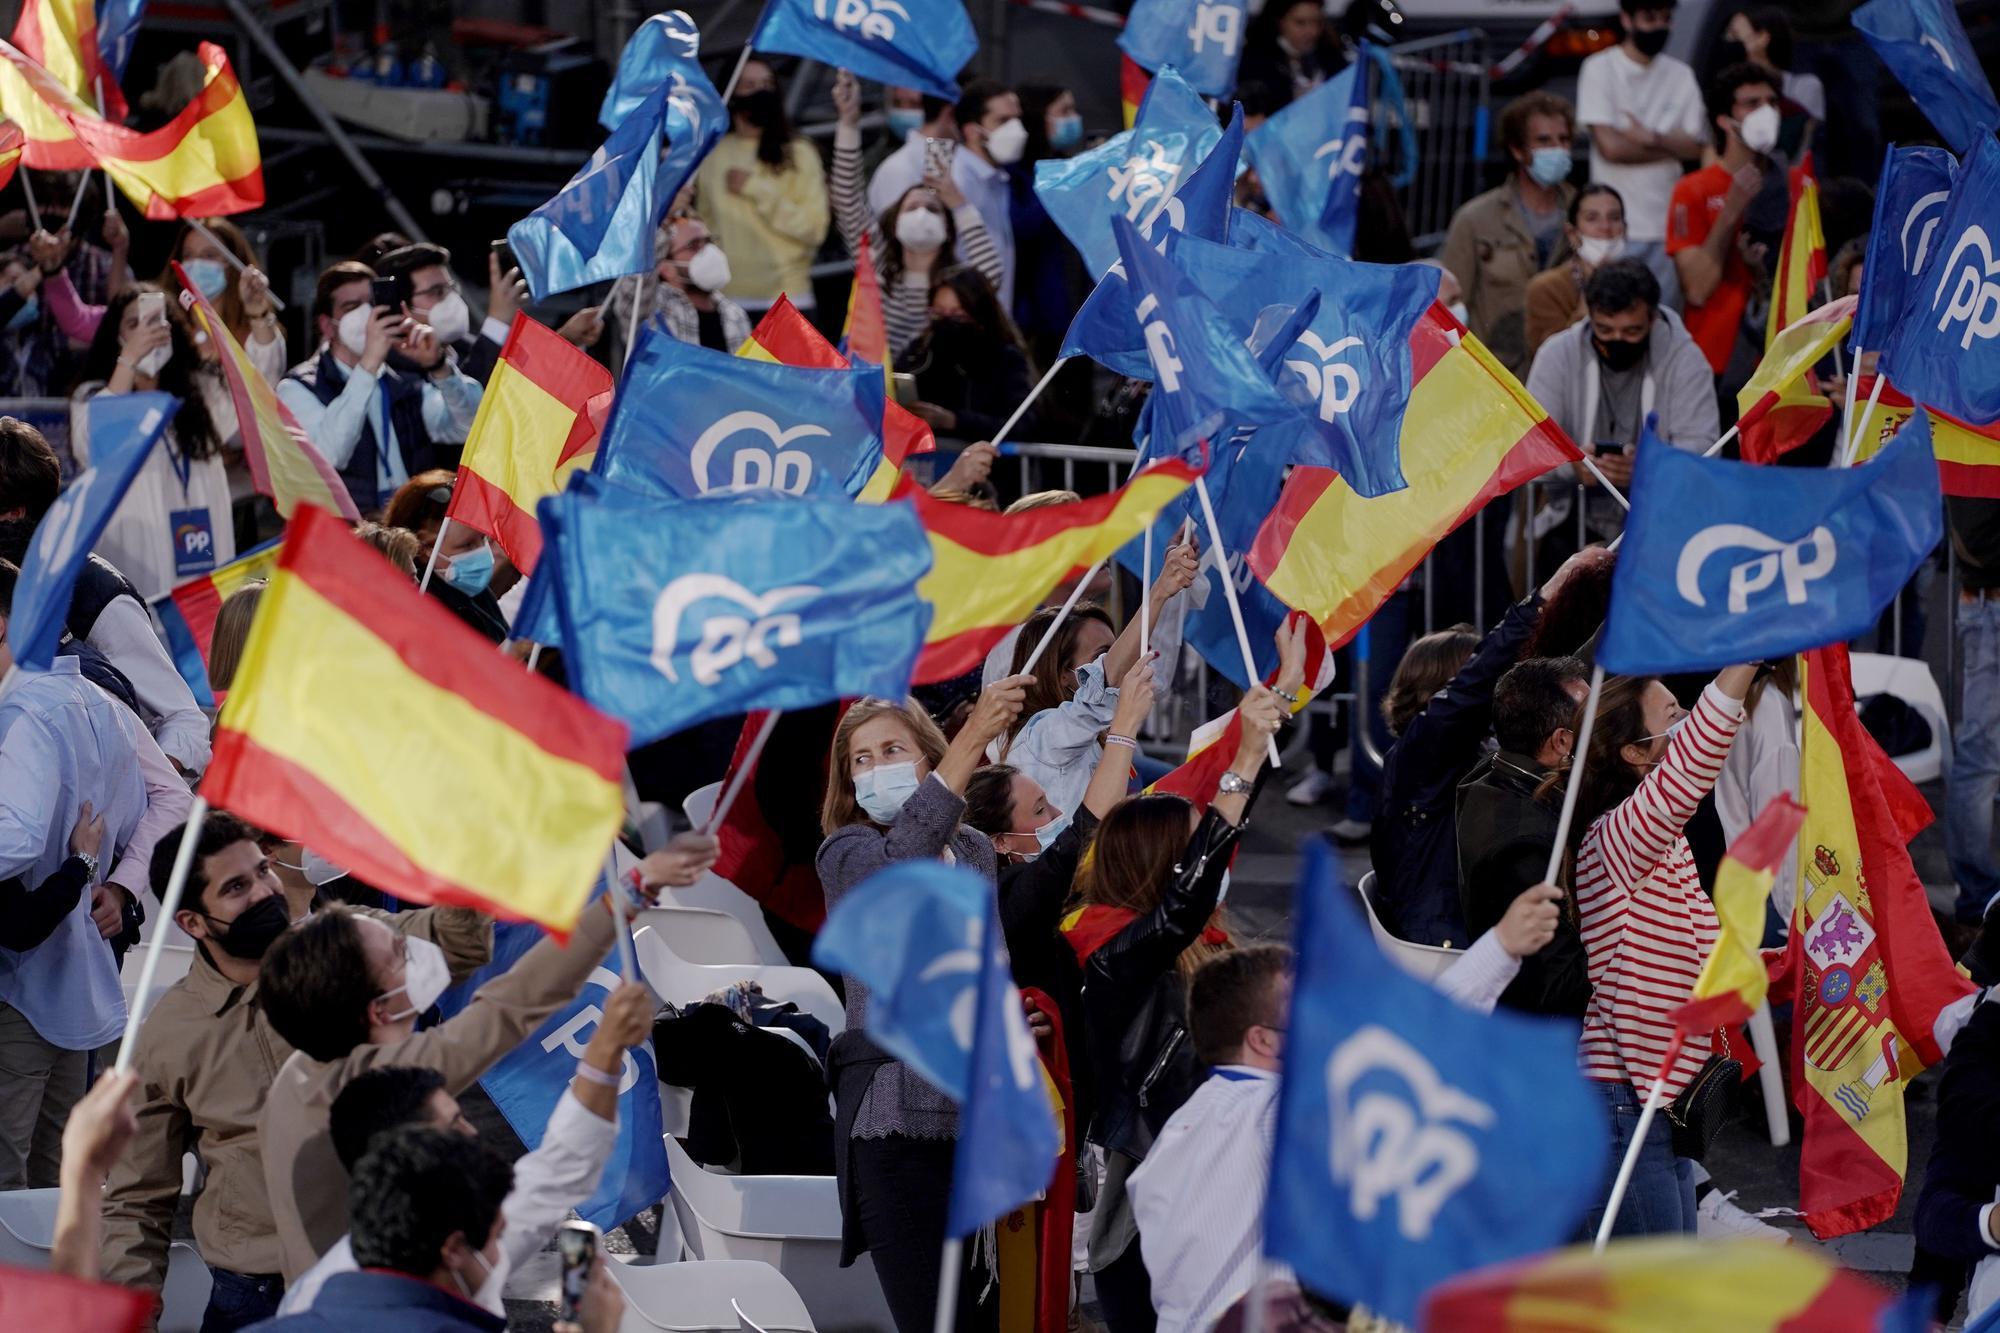 Ambiente festivo en torno a la sede del PP en Madrid en la noche electoral del 4-M.